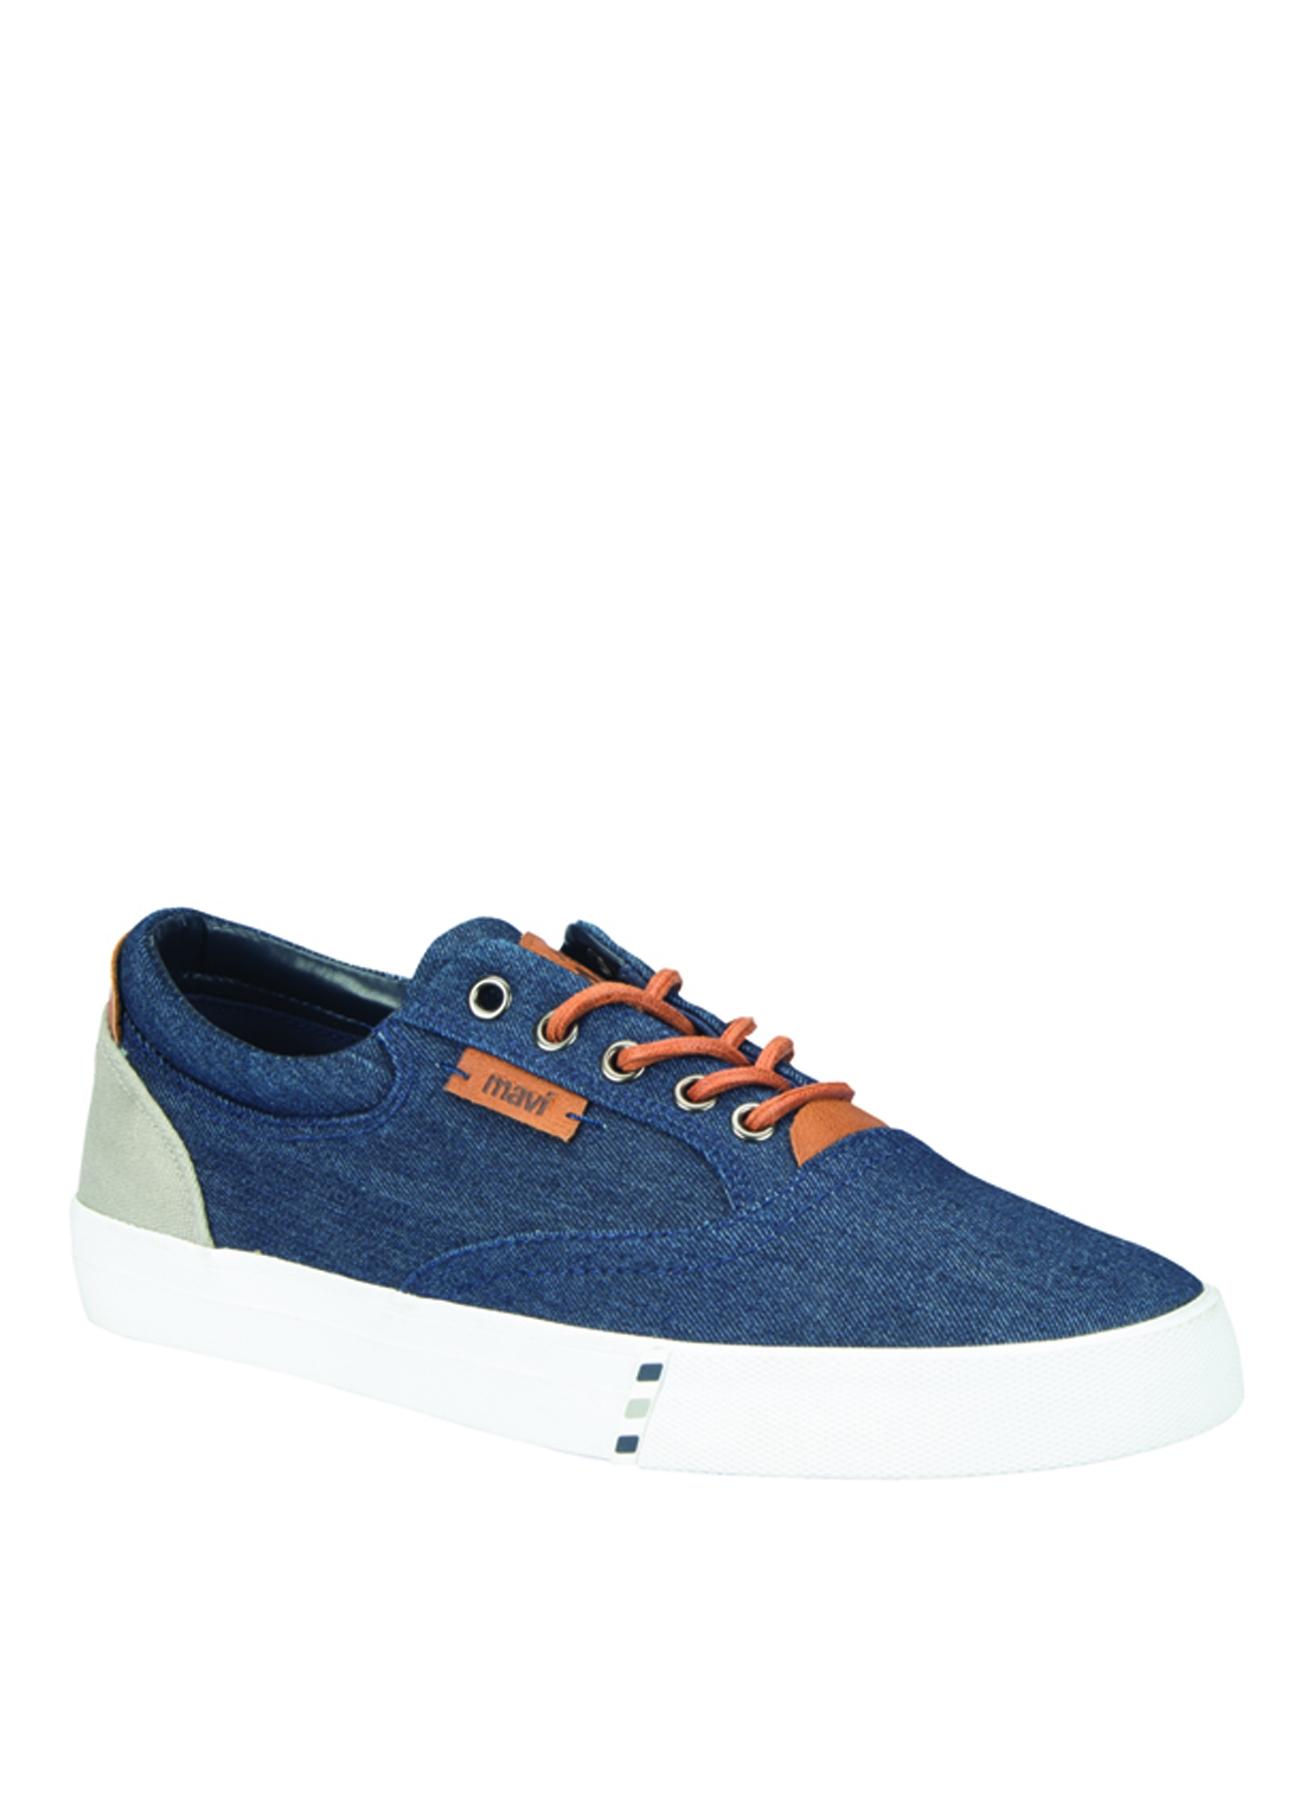 Mavi Sneaker 42 5001911716003 Ürün Resmi